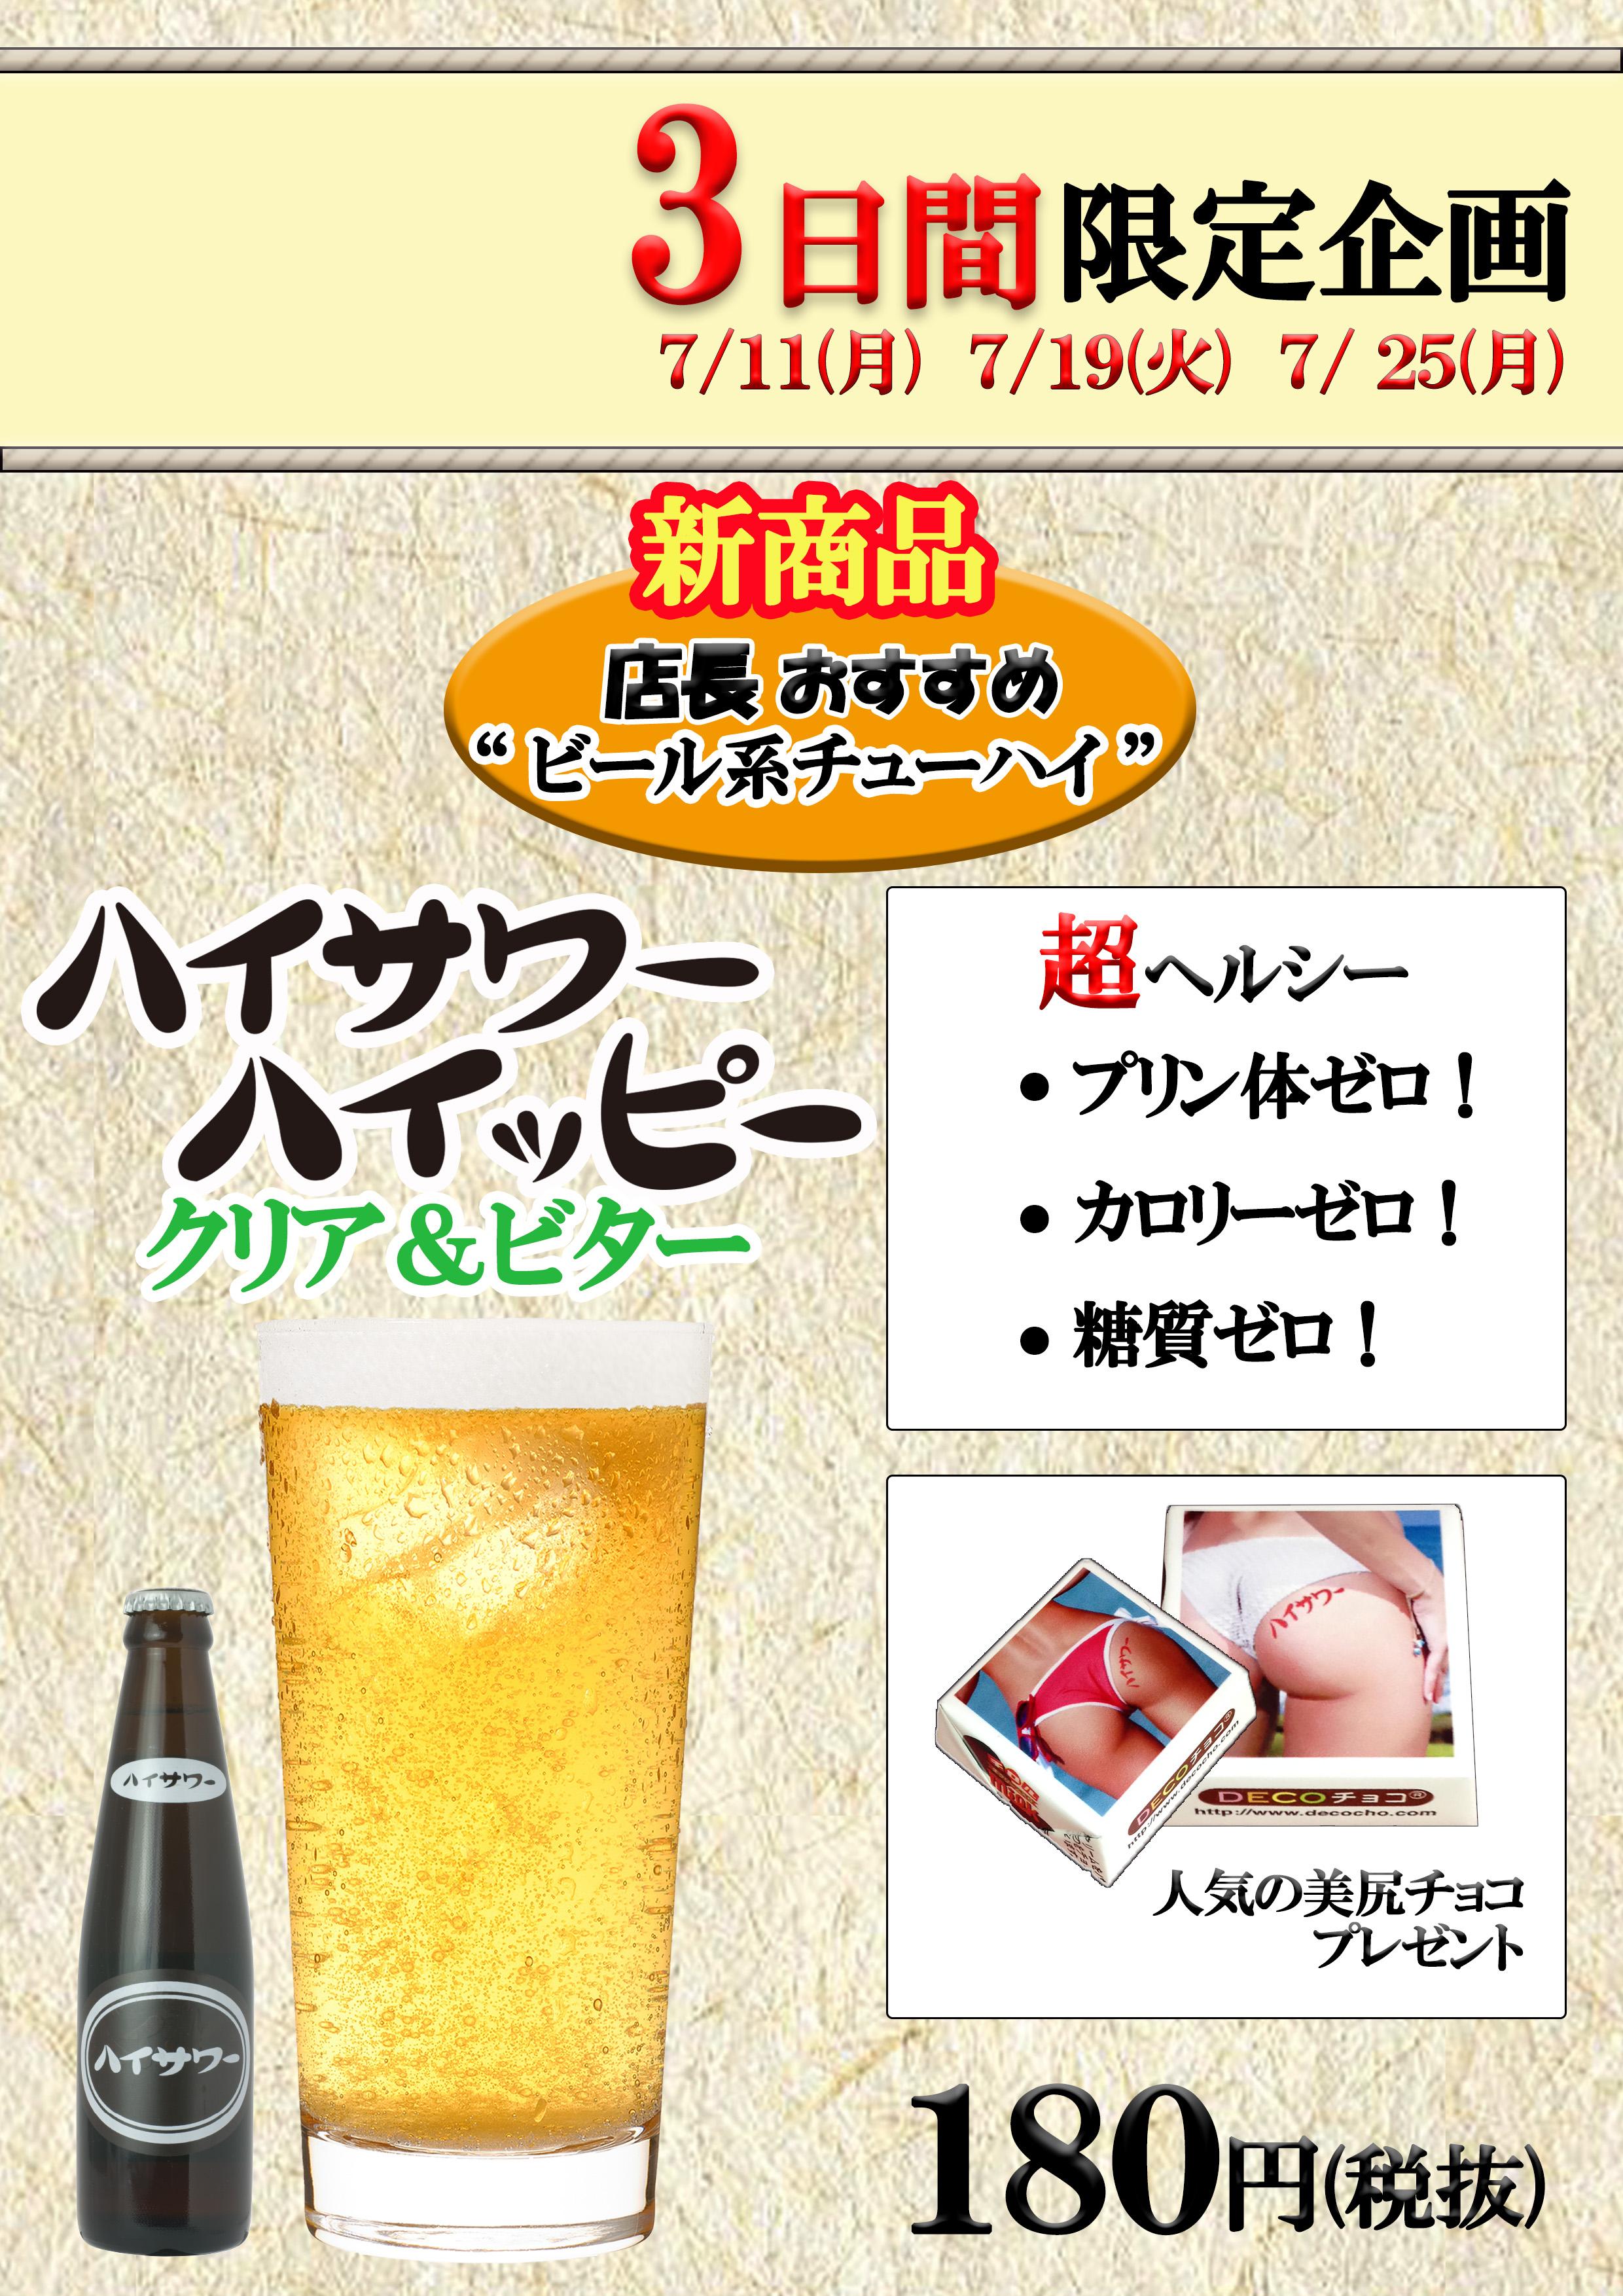 20160705_炉ばたや・クリビタA4ポスター(最終)